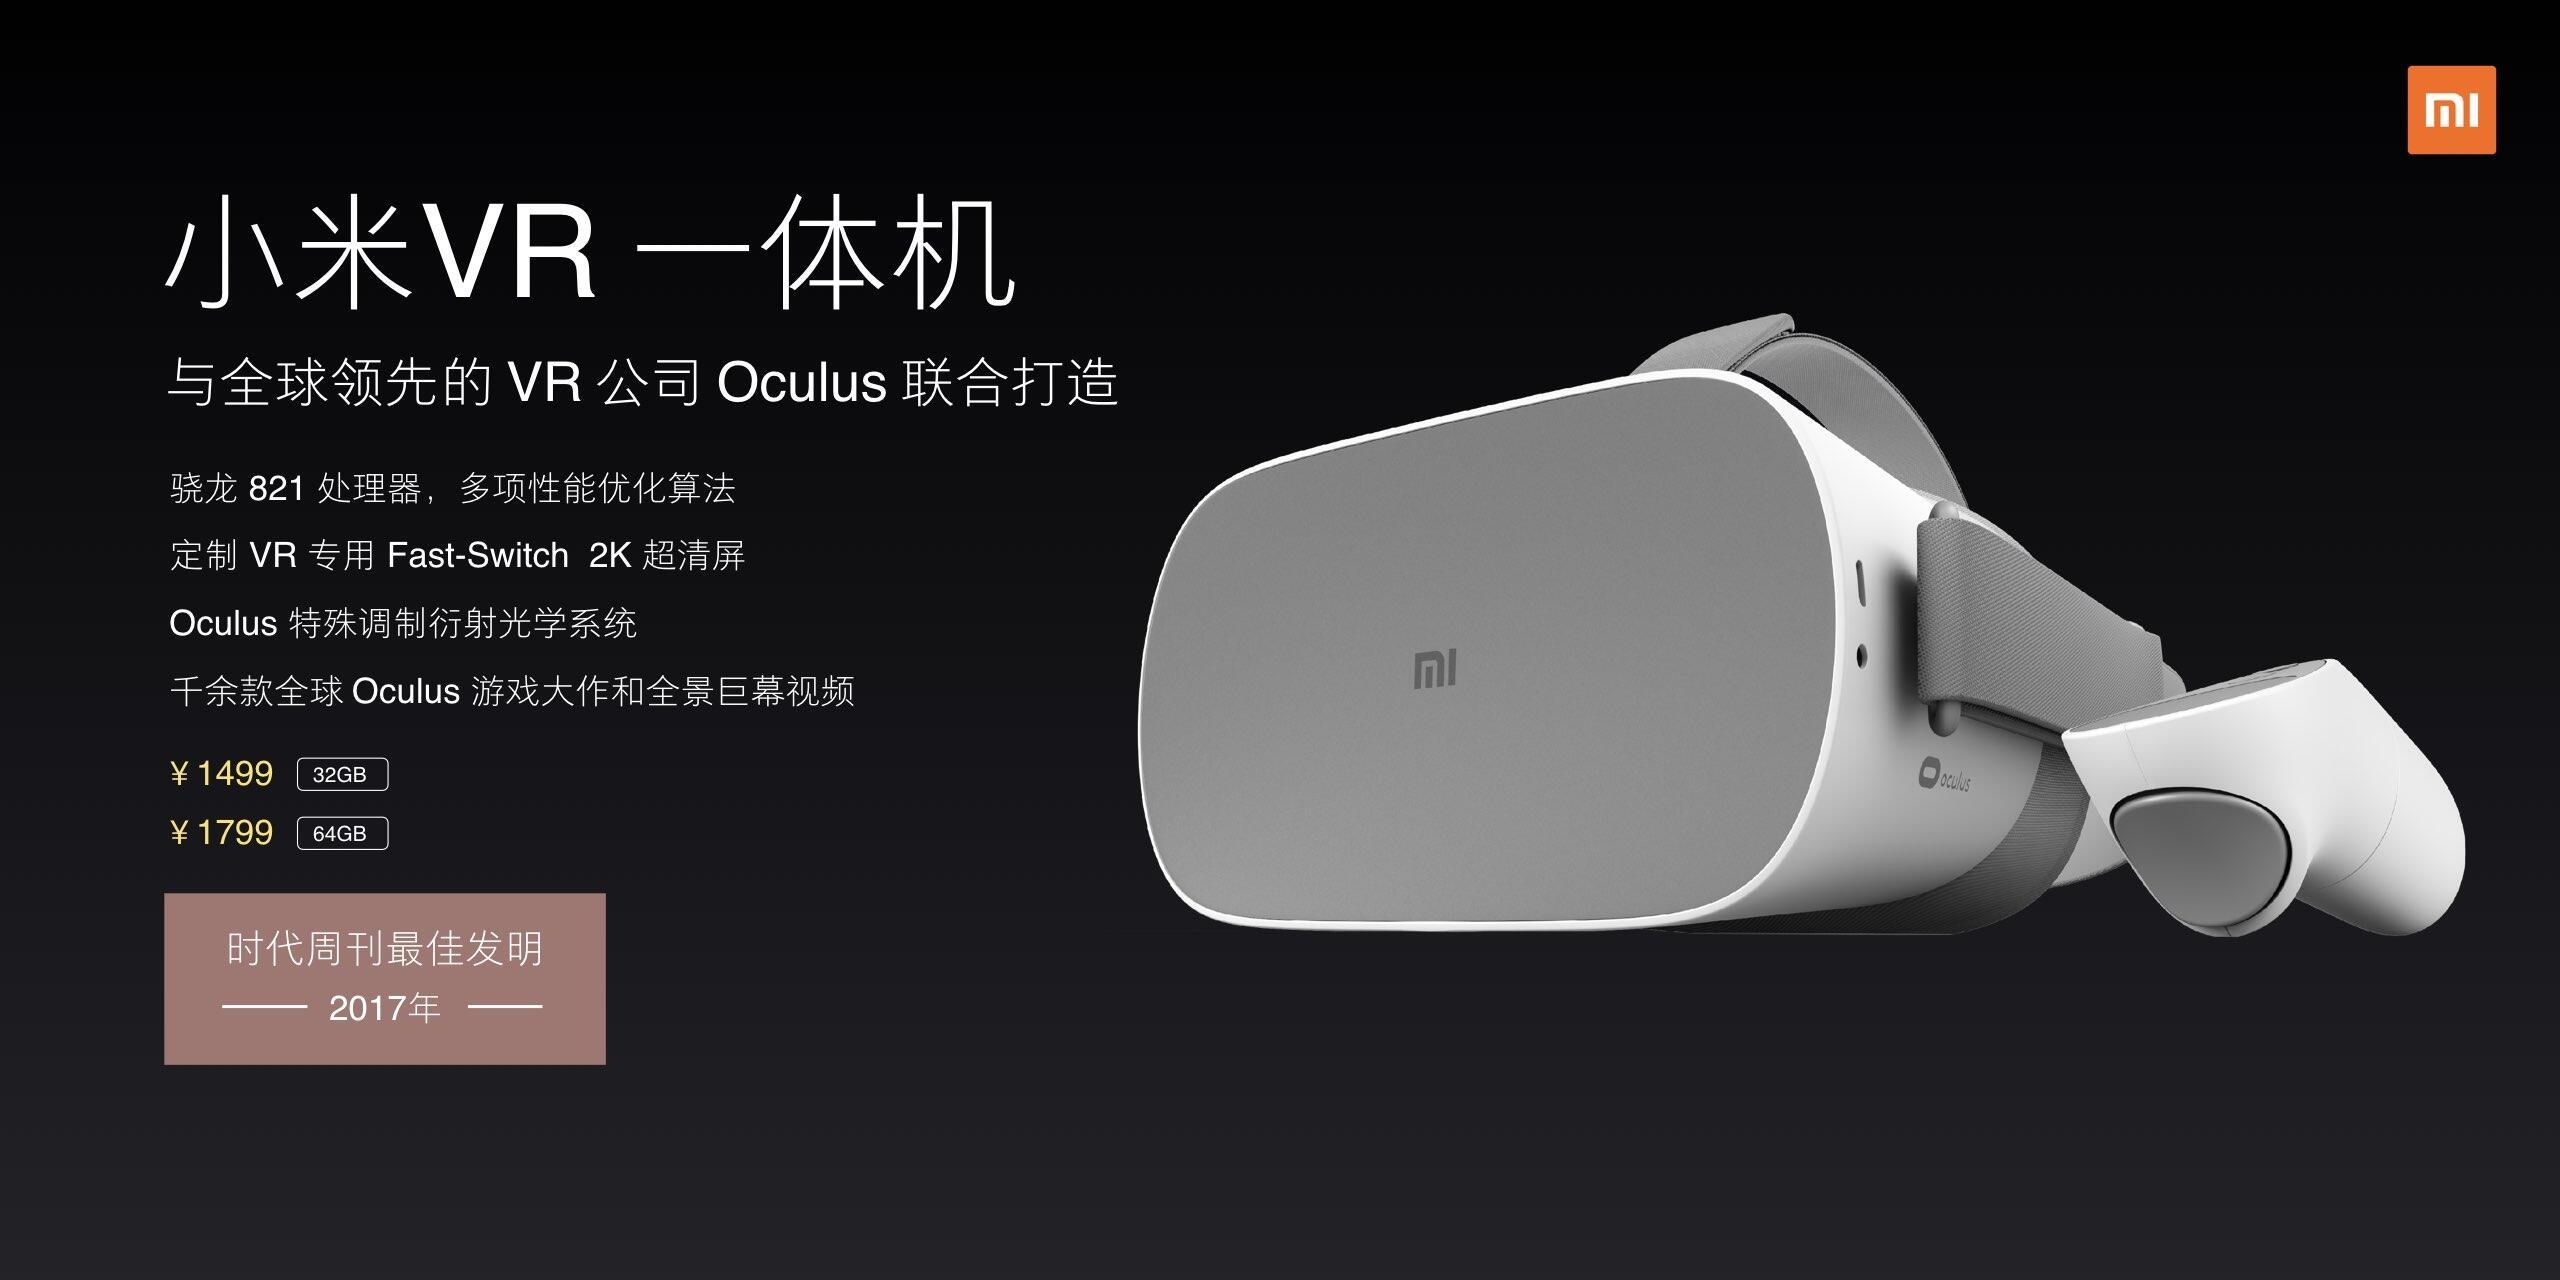 e870e8450209bf27d6fbfa3de6dc2e00 小米VR一体机(OculusGo中国版)首批现货卖完 VR